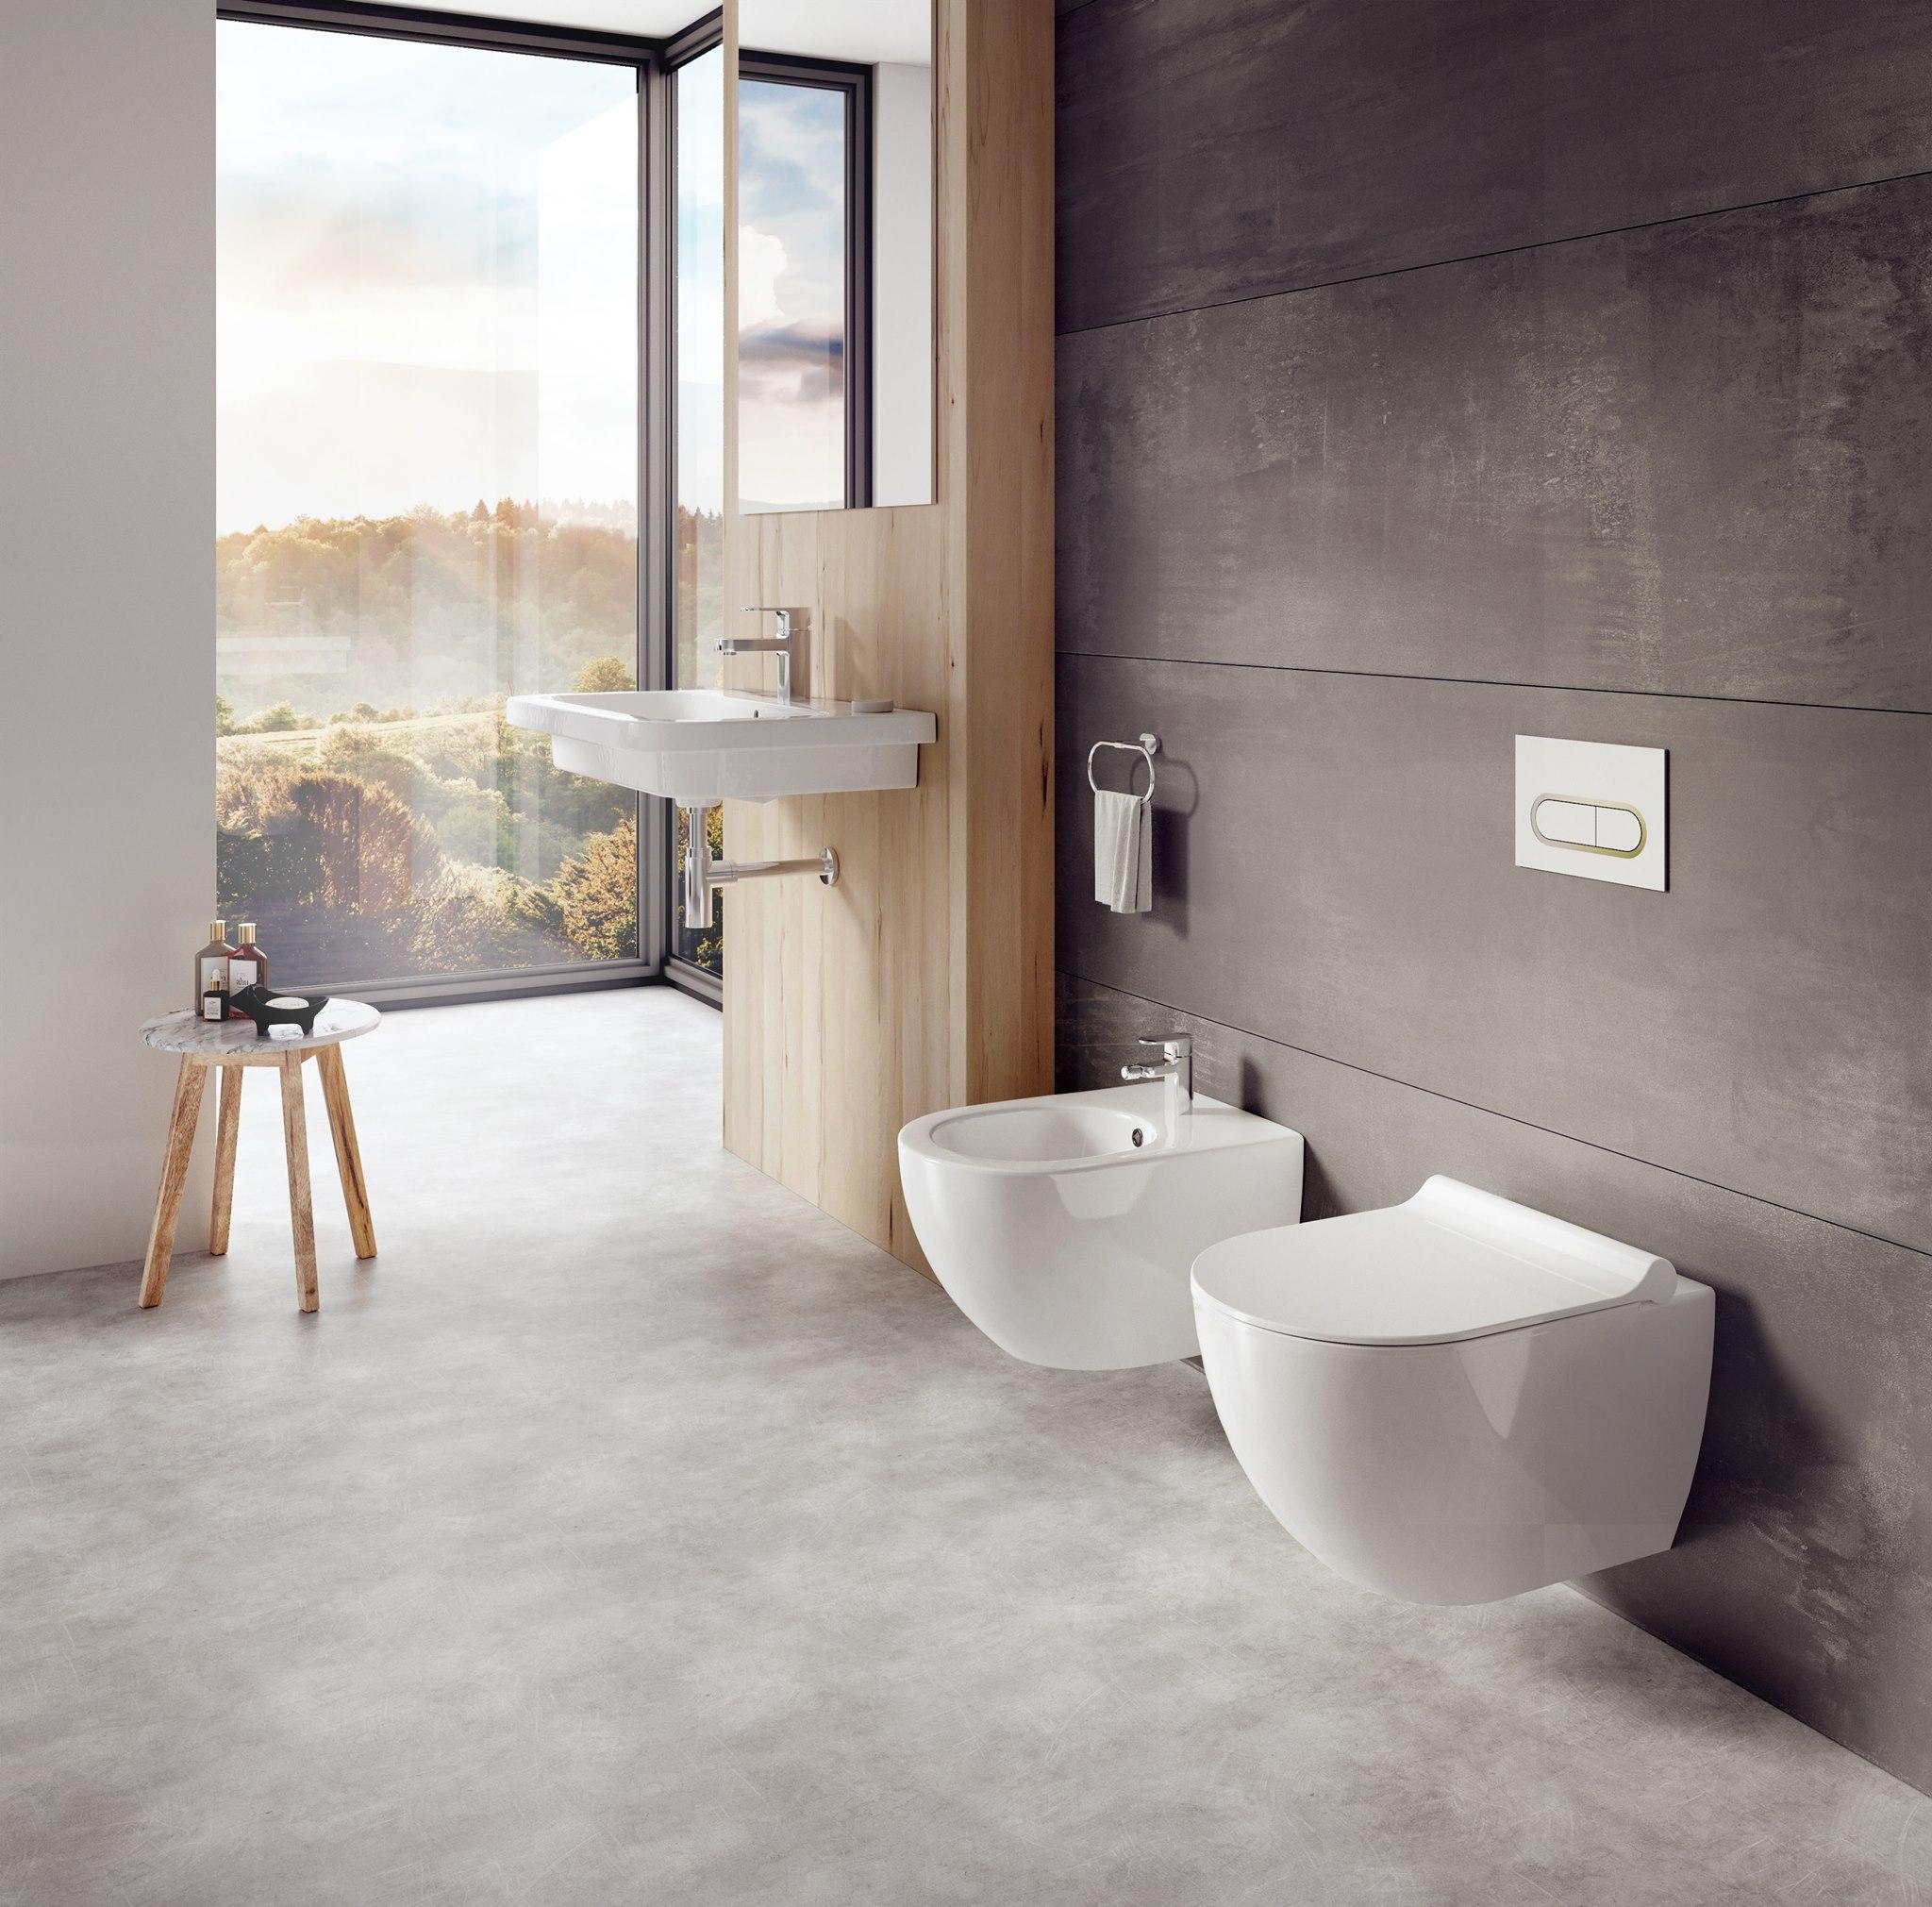 A stílus és hatékonyság jegyében készült, a legkisebb egységeiben is átgondolt fürdőszoba koncepció jellemzője a finom, ovális forma. Ez jellemző a wc-re és bidére is.